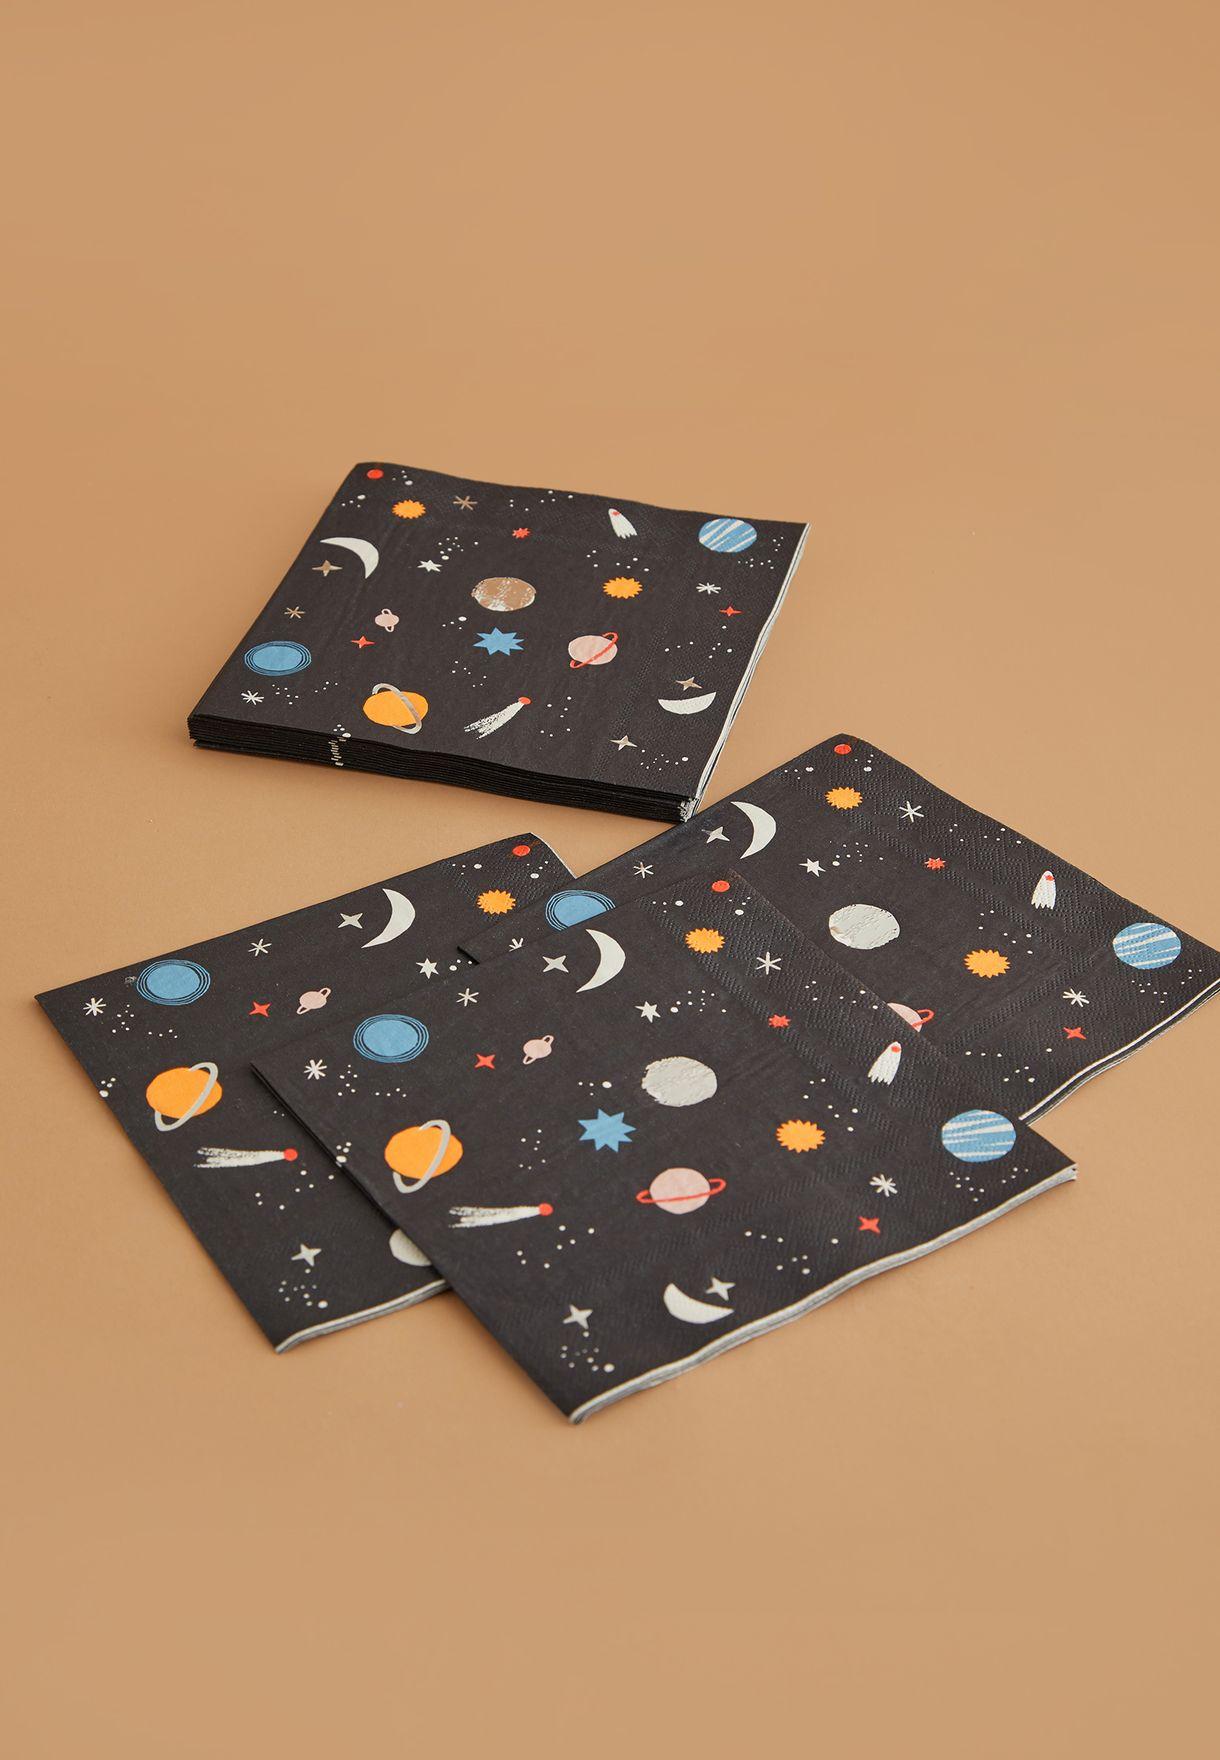 مجموعة تحتوي على 16 منديل ورقي بطبعات فضاء